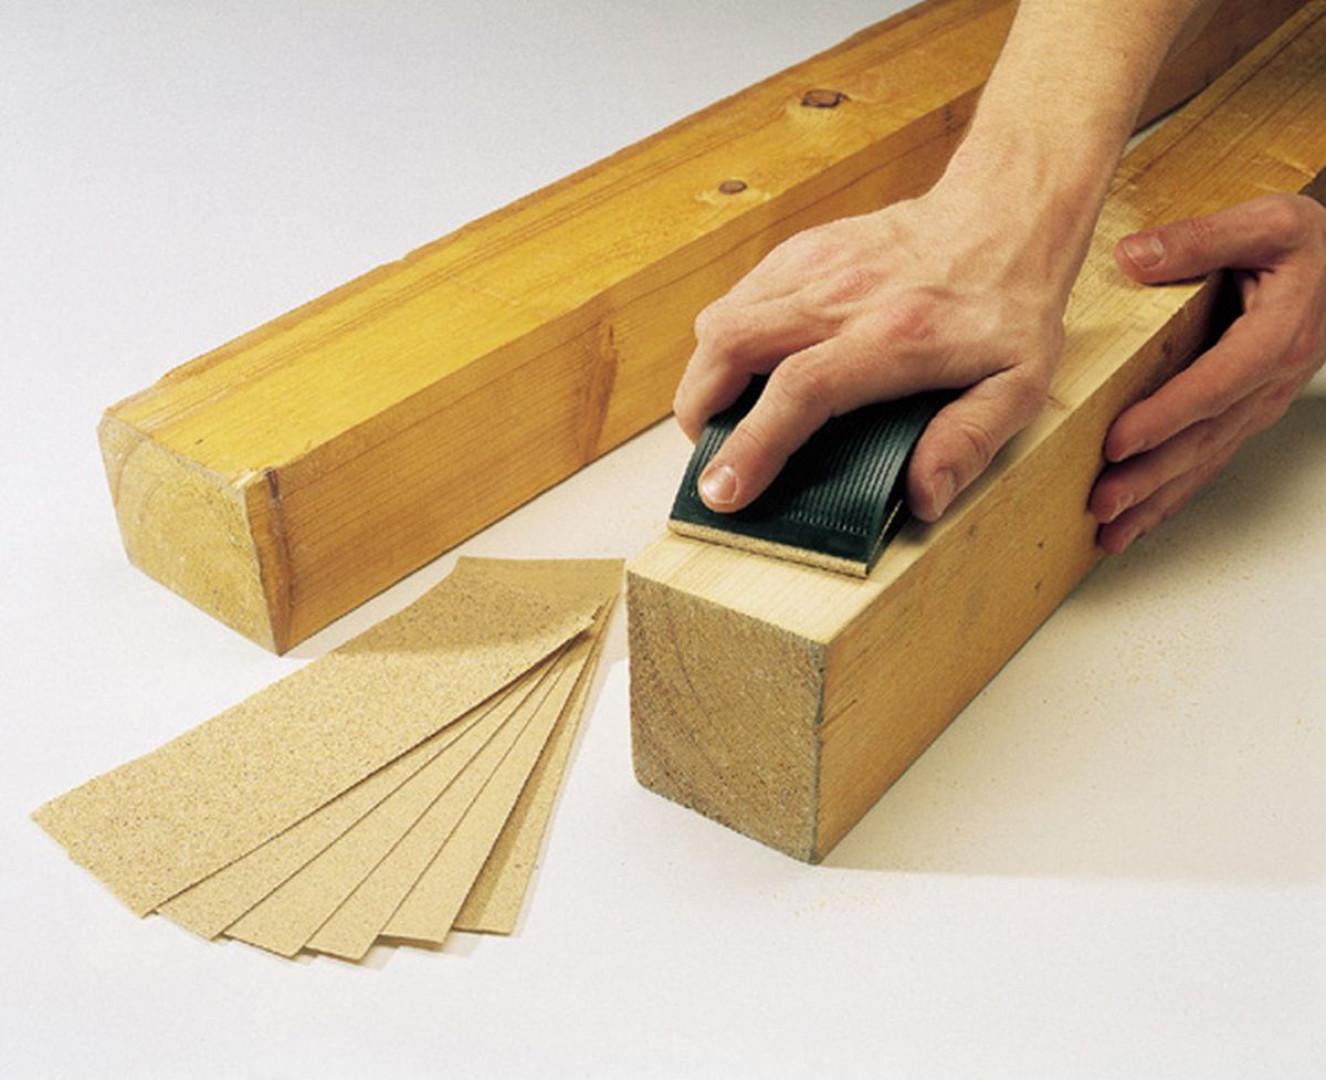 Podgrzane powietrze sprawia, że lakier się rozwarstwia. Można się go więc skutecznie pozbyć przy pomocy skrobaka i szpachelki. Fot. Wolfcract/ Lange Łukaszuk